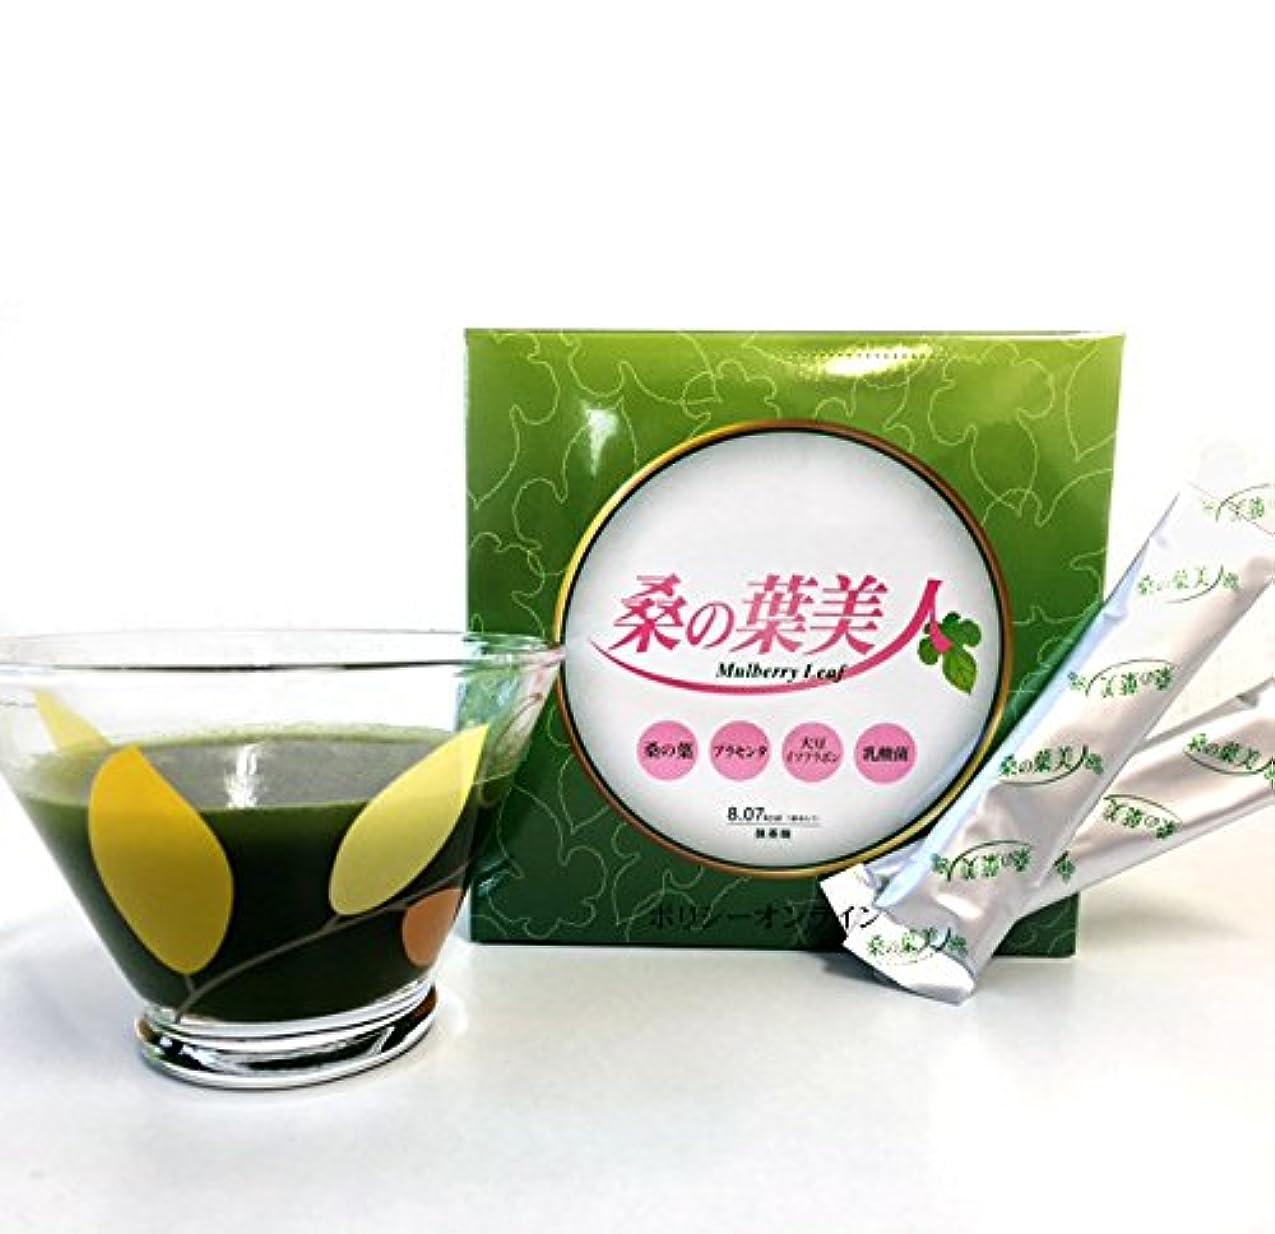 順番振動するヘビポリシー化粧品 【サプリメント/内面美容】桑の葉美人 3g×50袋